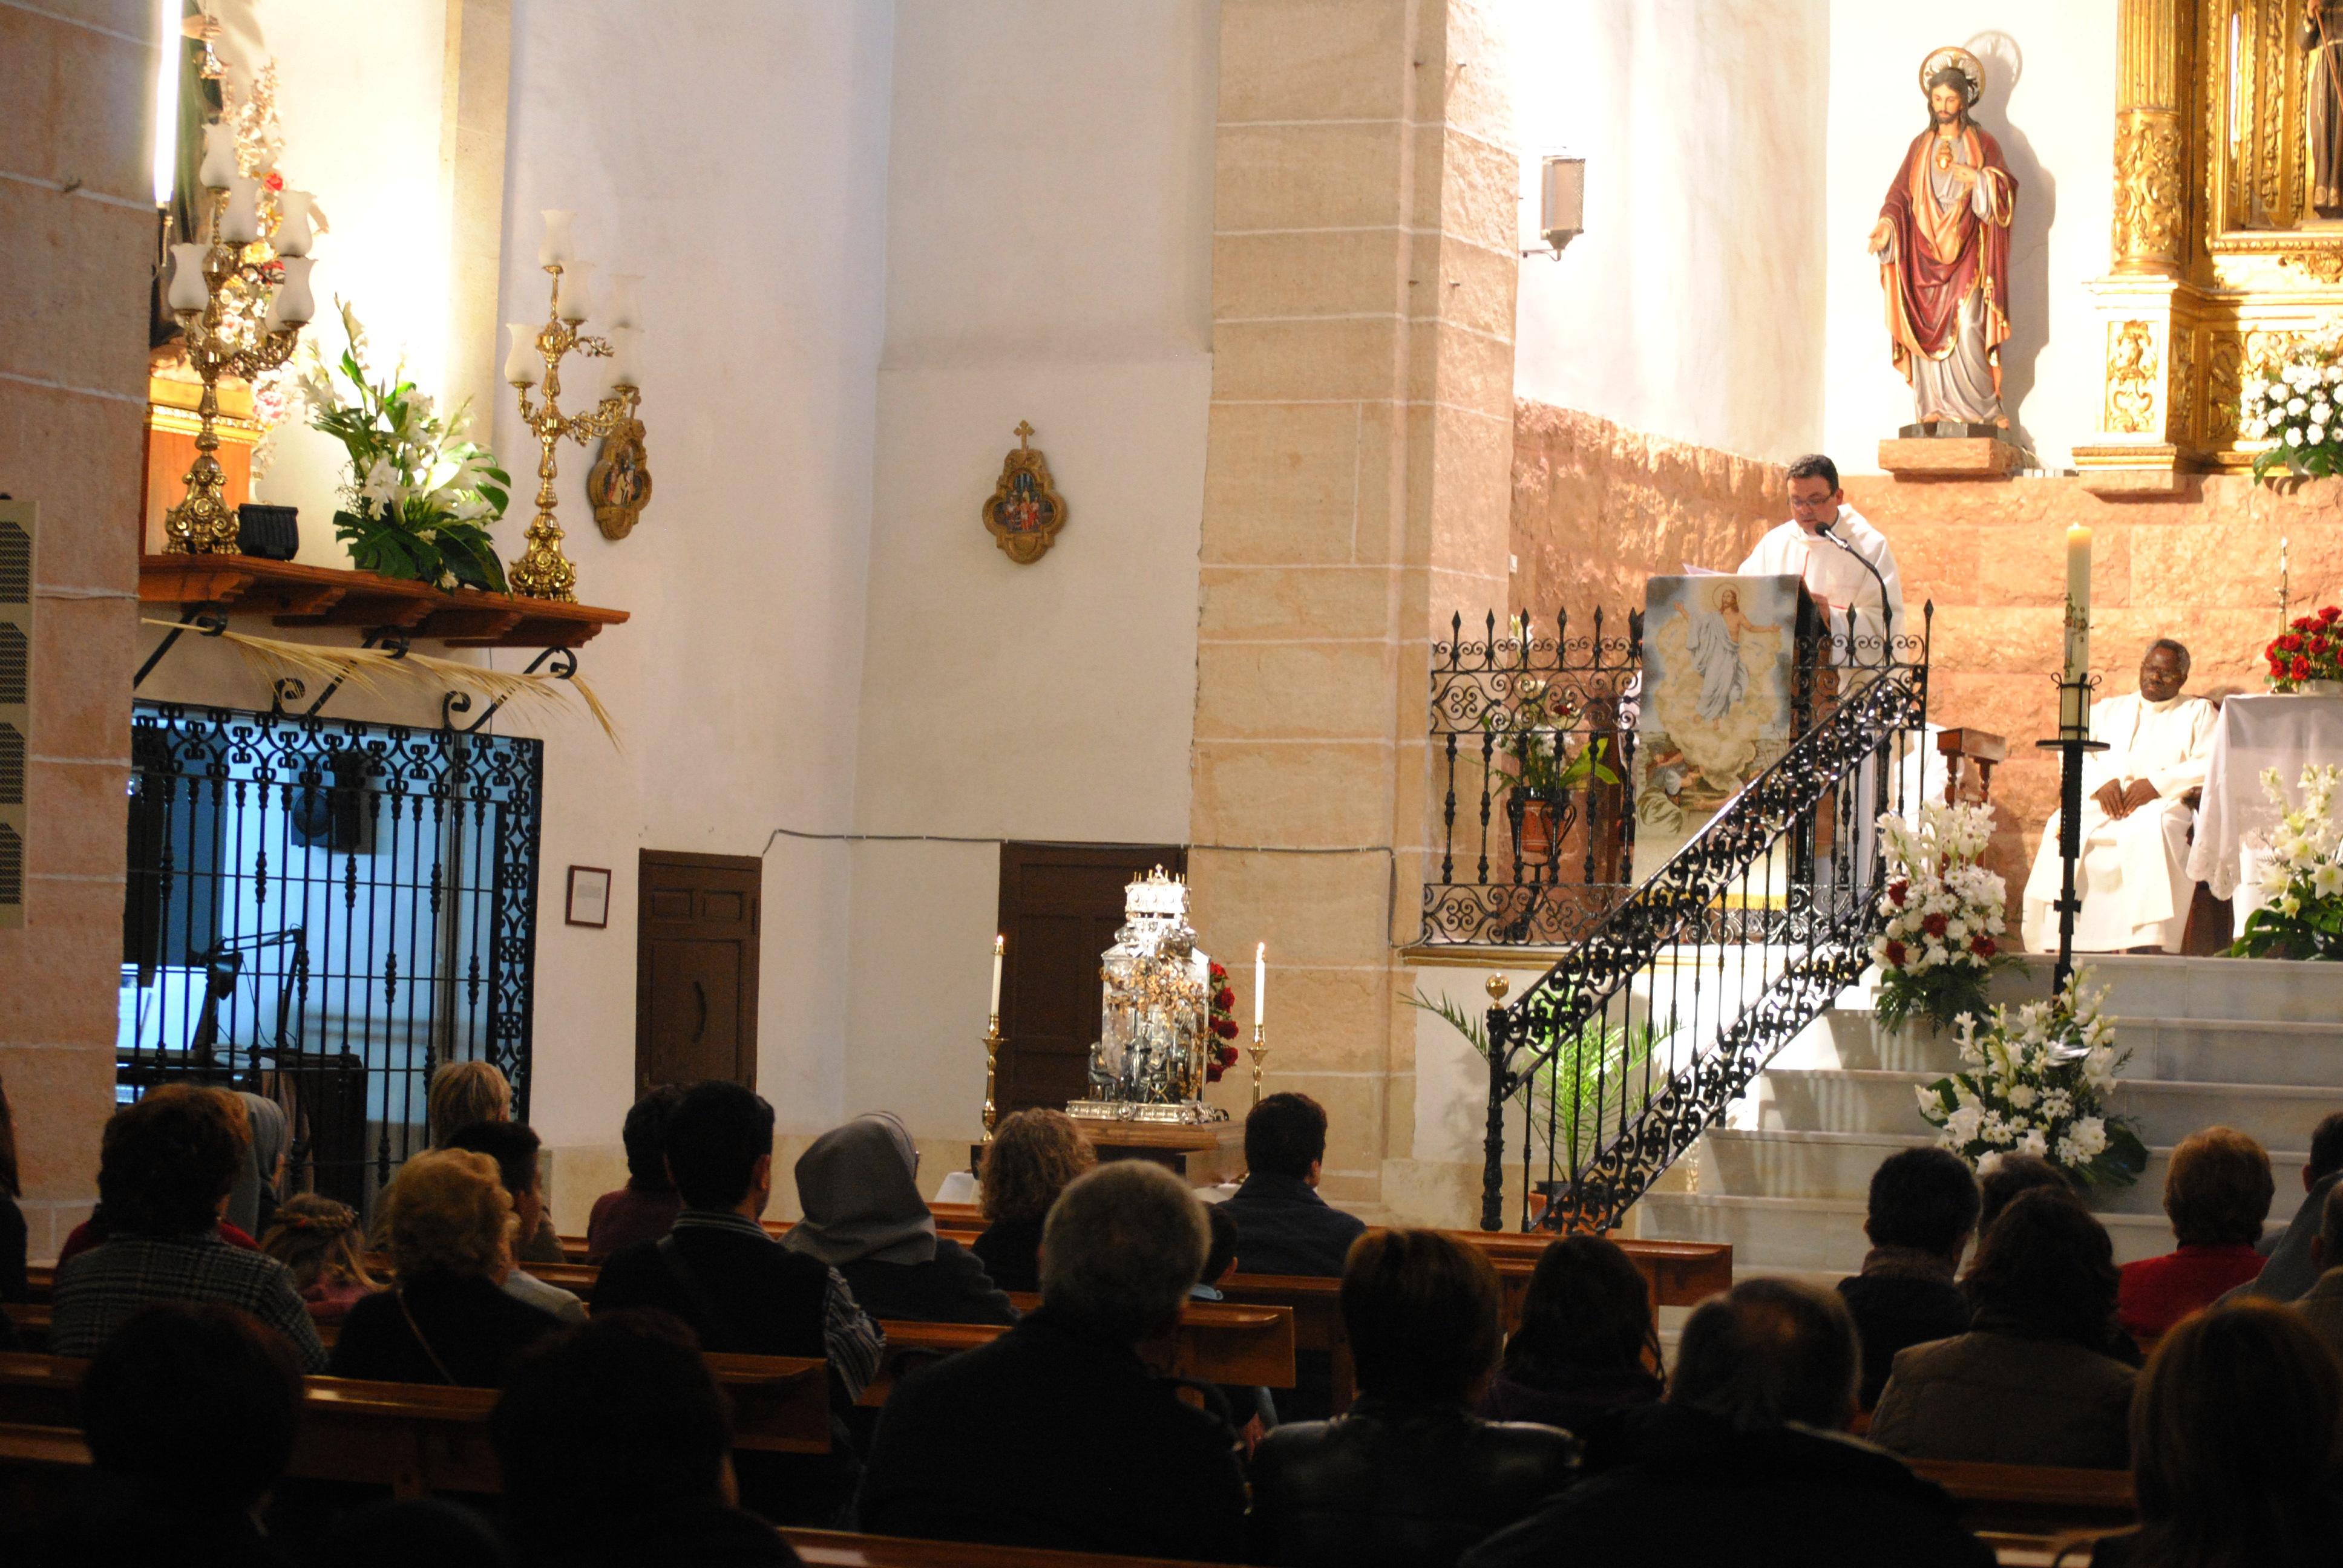 Las reliquias de San Juan de Ávila en Caravaca